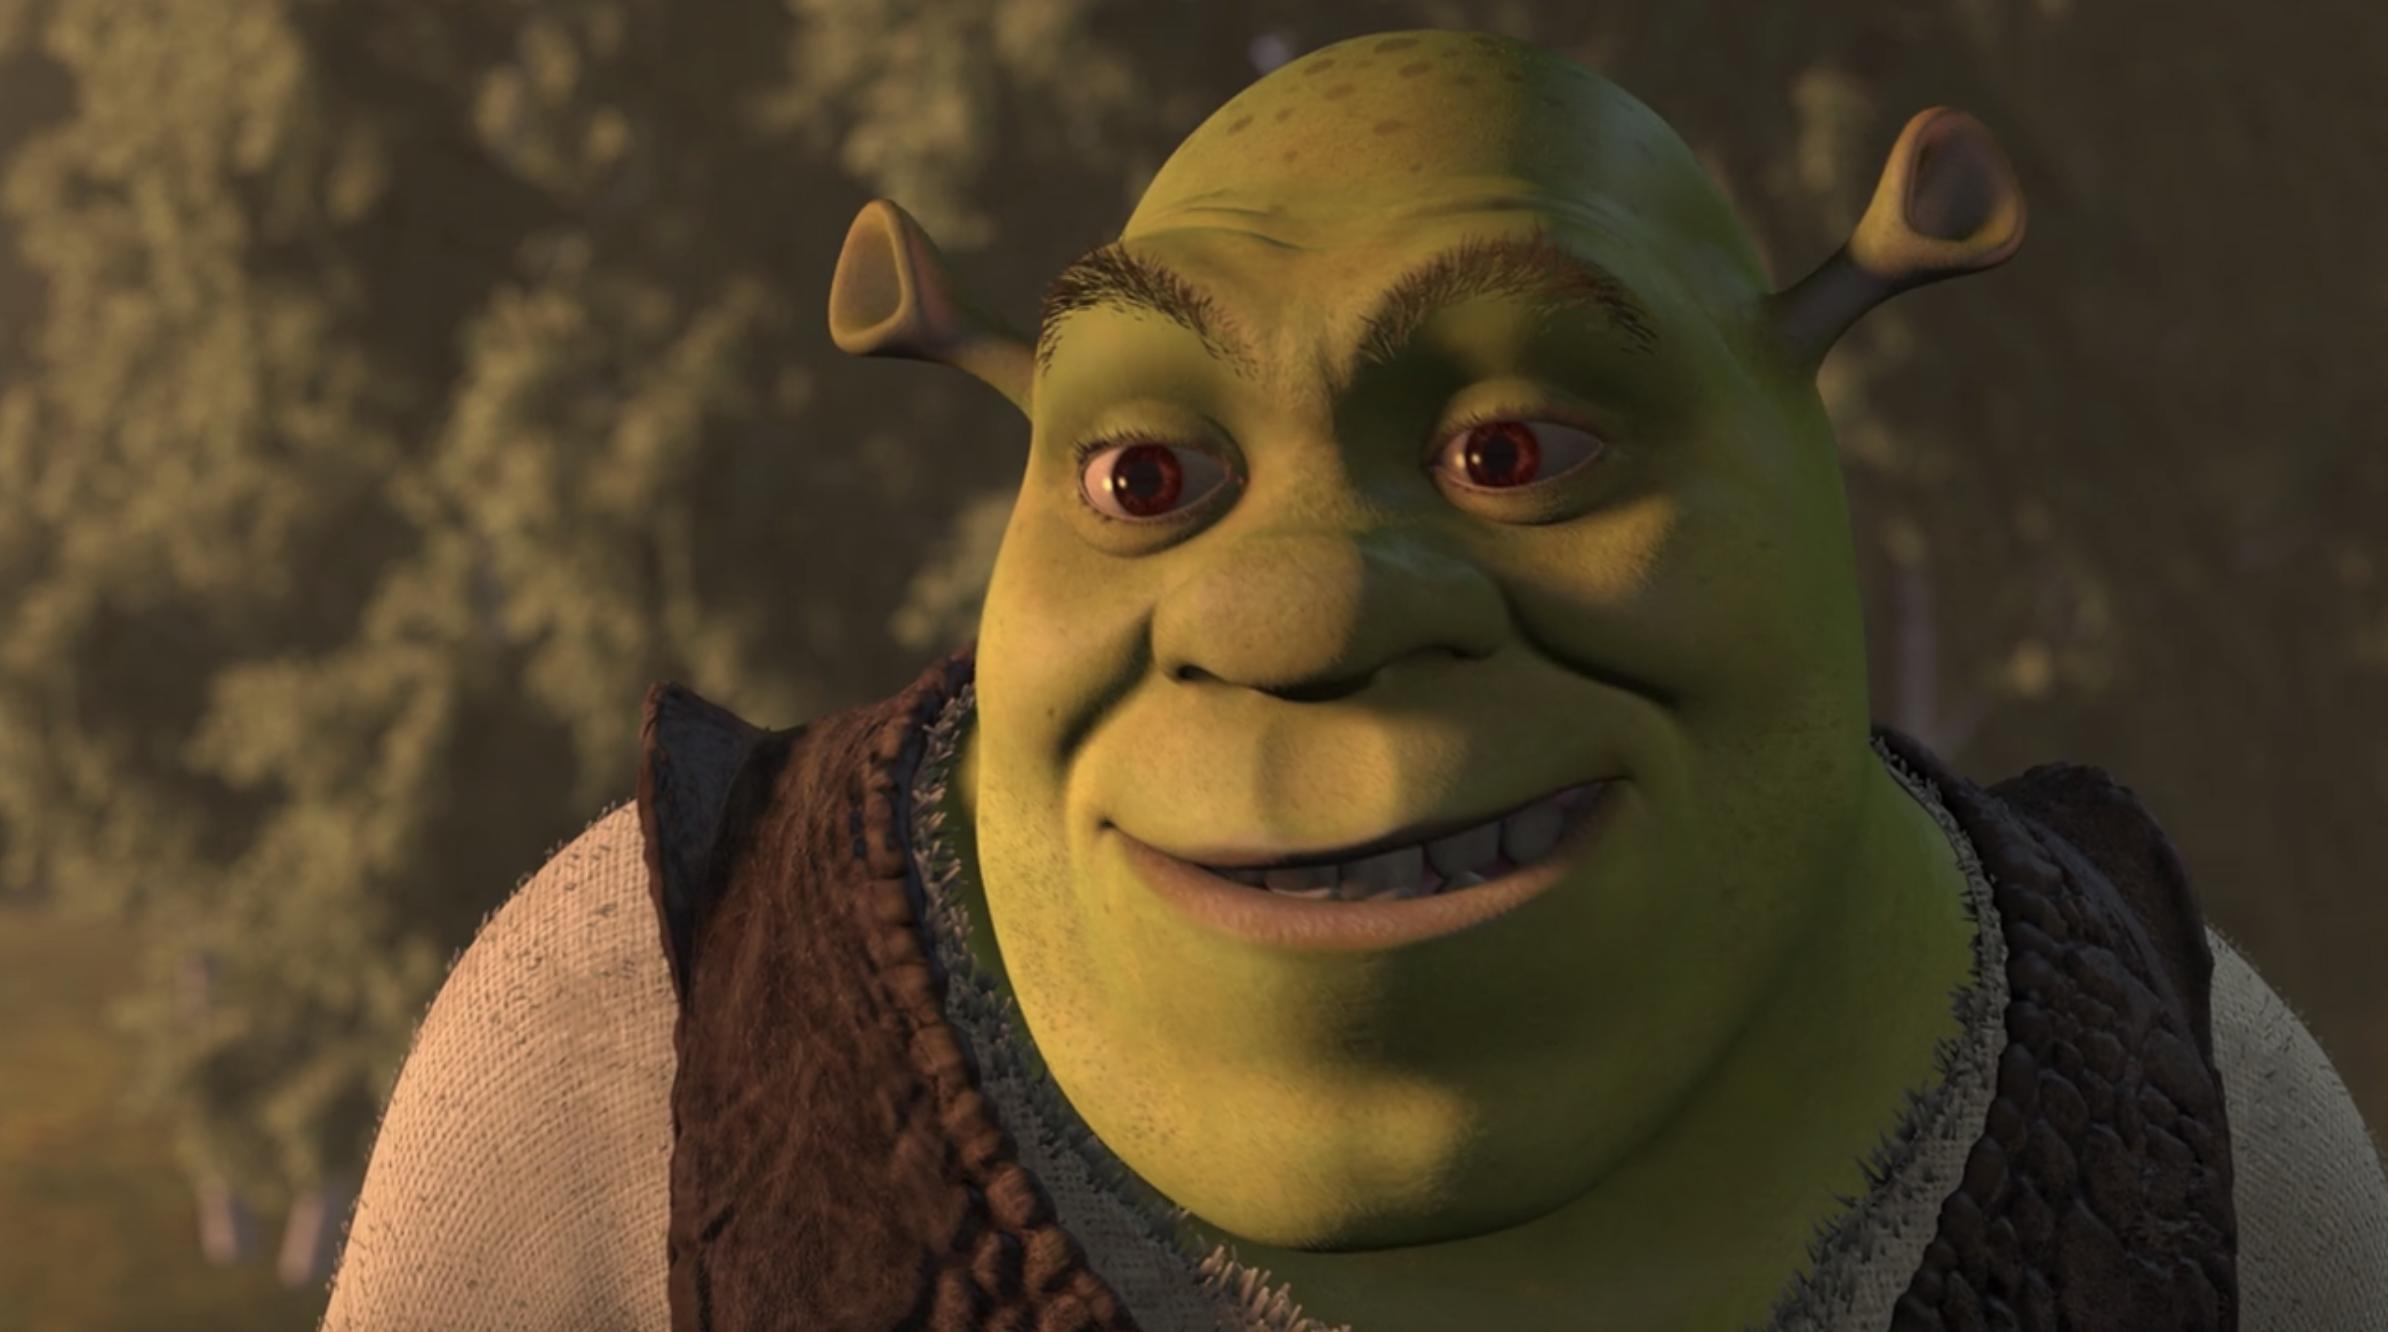 Shrek smiles a crooked smile